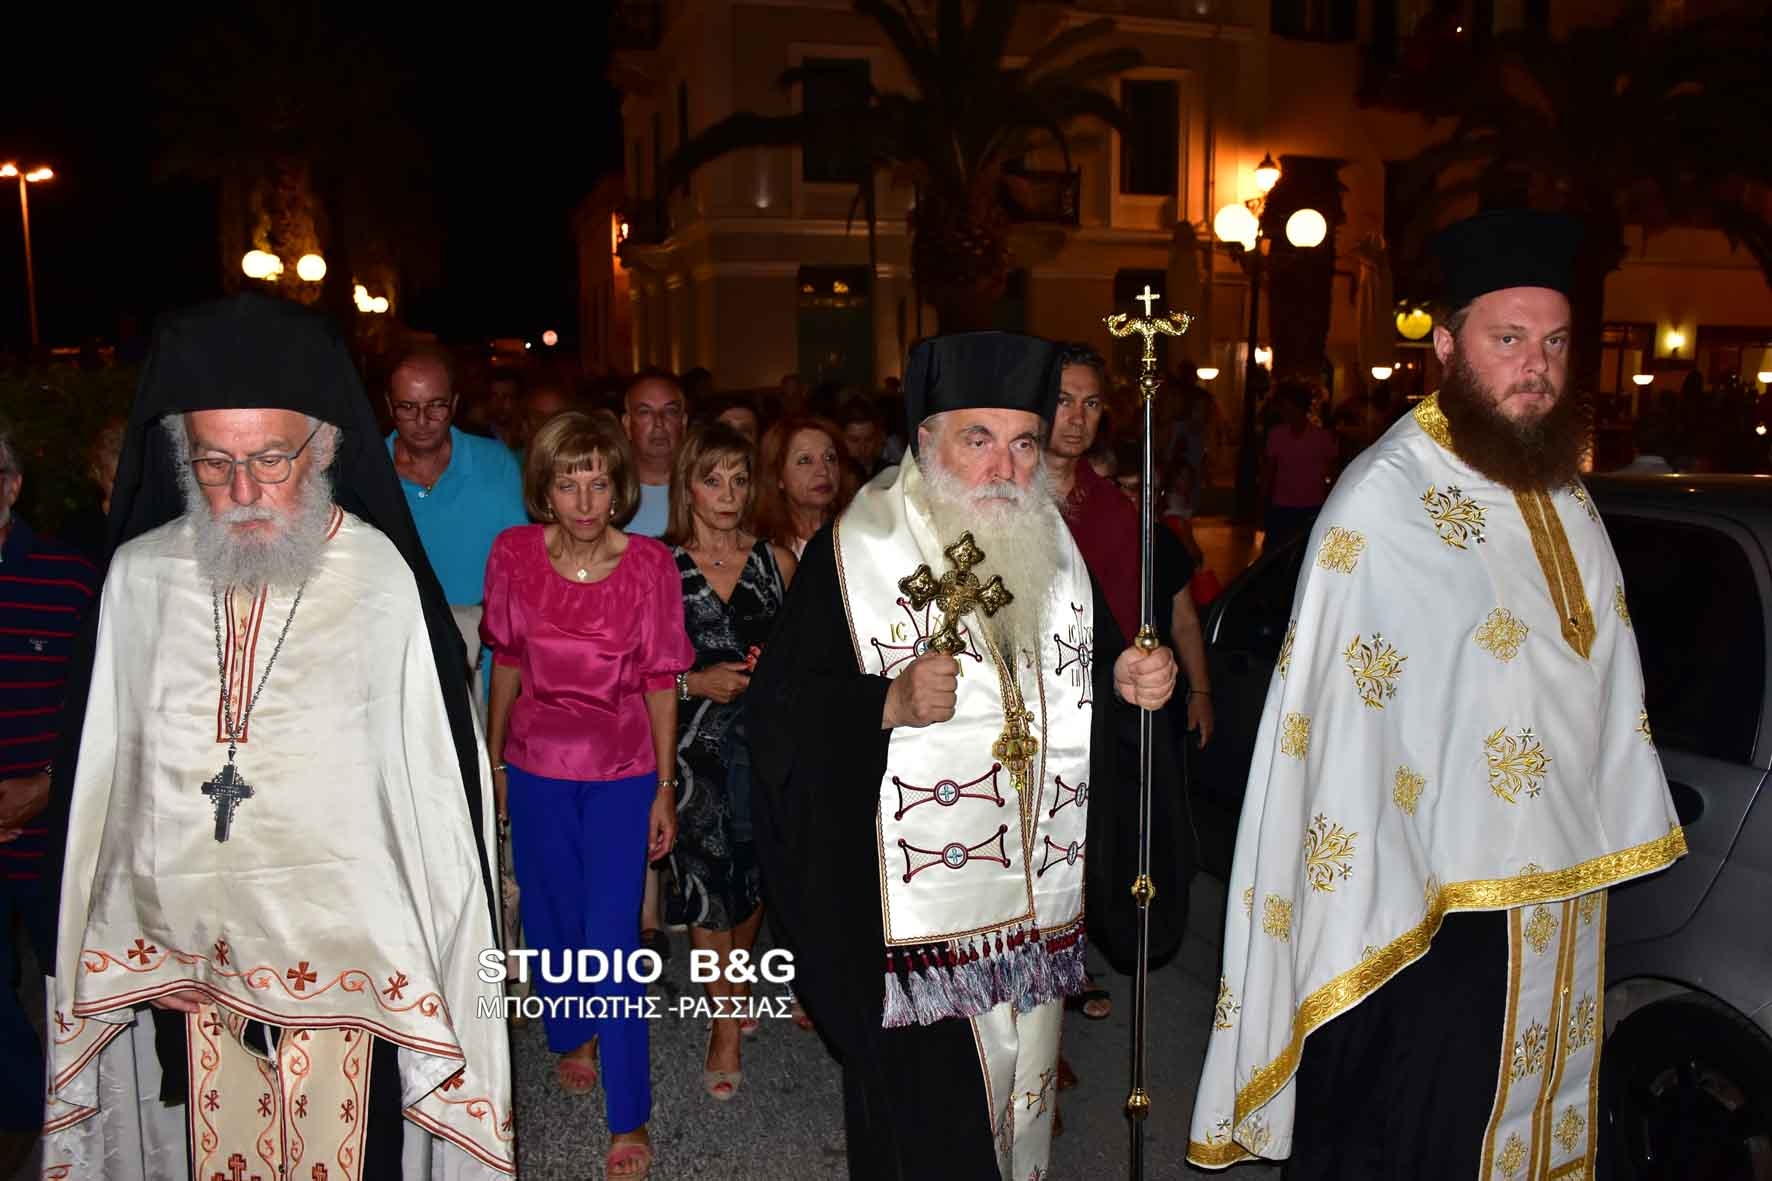 Μητρόπολη Αργολίδος: Στον Ι.Ν. Παναγίας Ναυπλίου ο Πανηγυρικός Εσπερινός